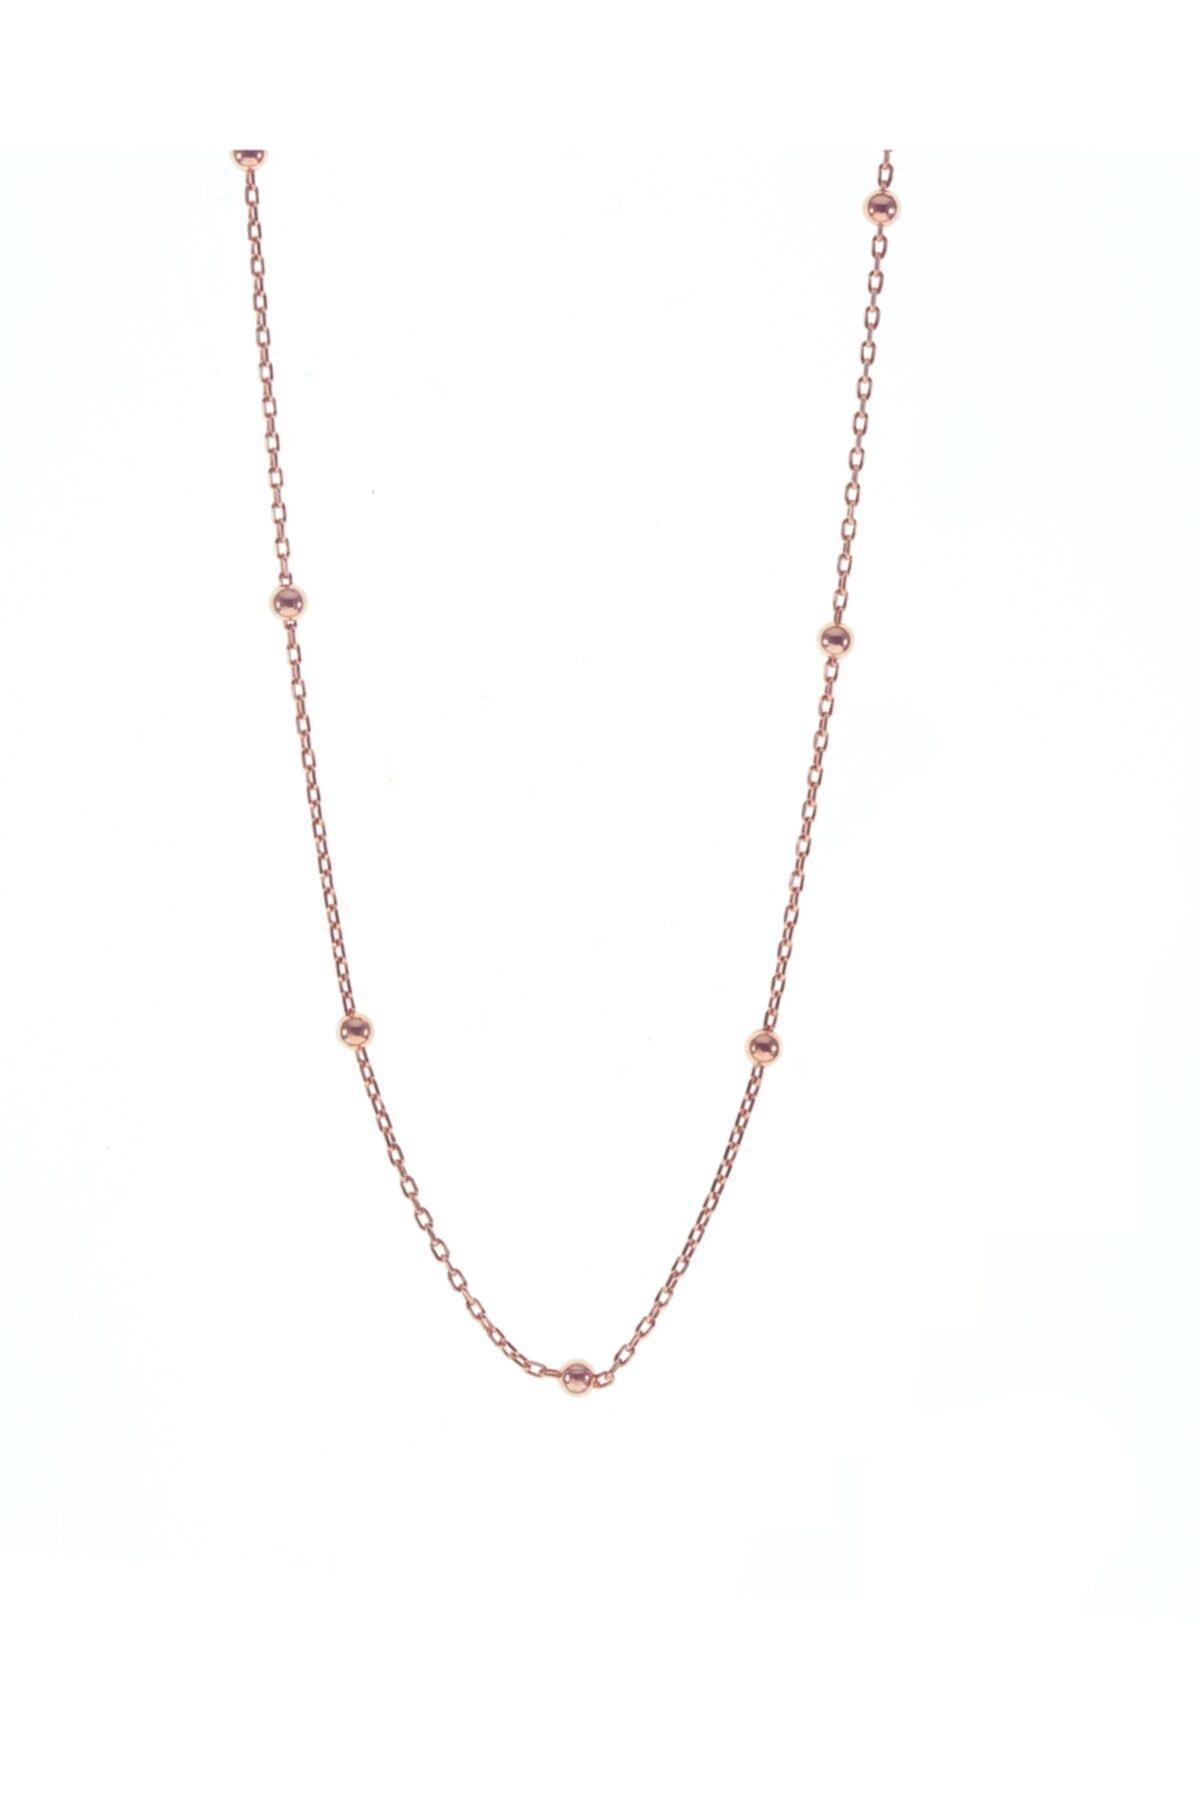 Söğütlü Silver Kadın Rose Gümüş Top Top Zincir 45 cm 1